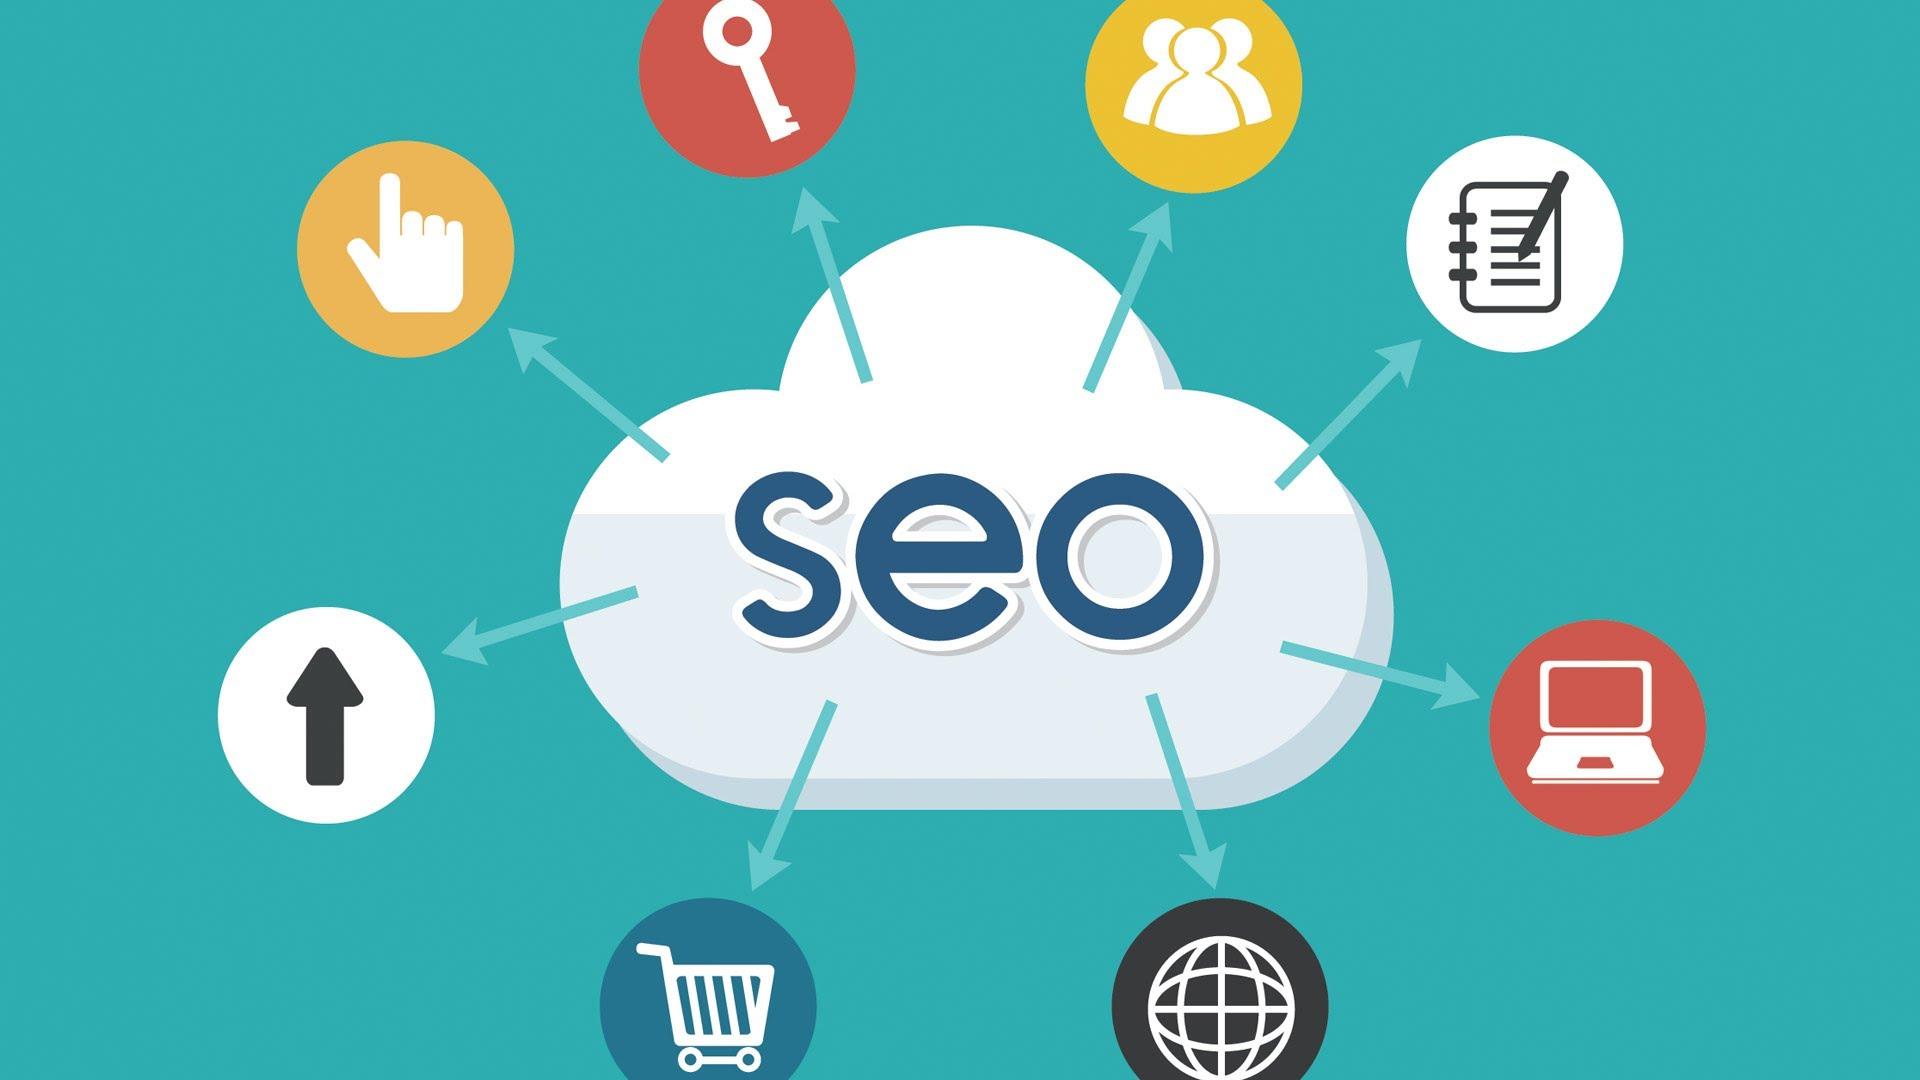 Dịch vụ SEO thần tốc cho các khóa học là mảnh ghép hoàn hảo để bạn tìm kiếm khách hàng